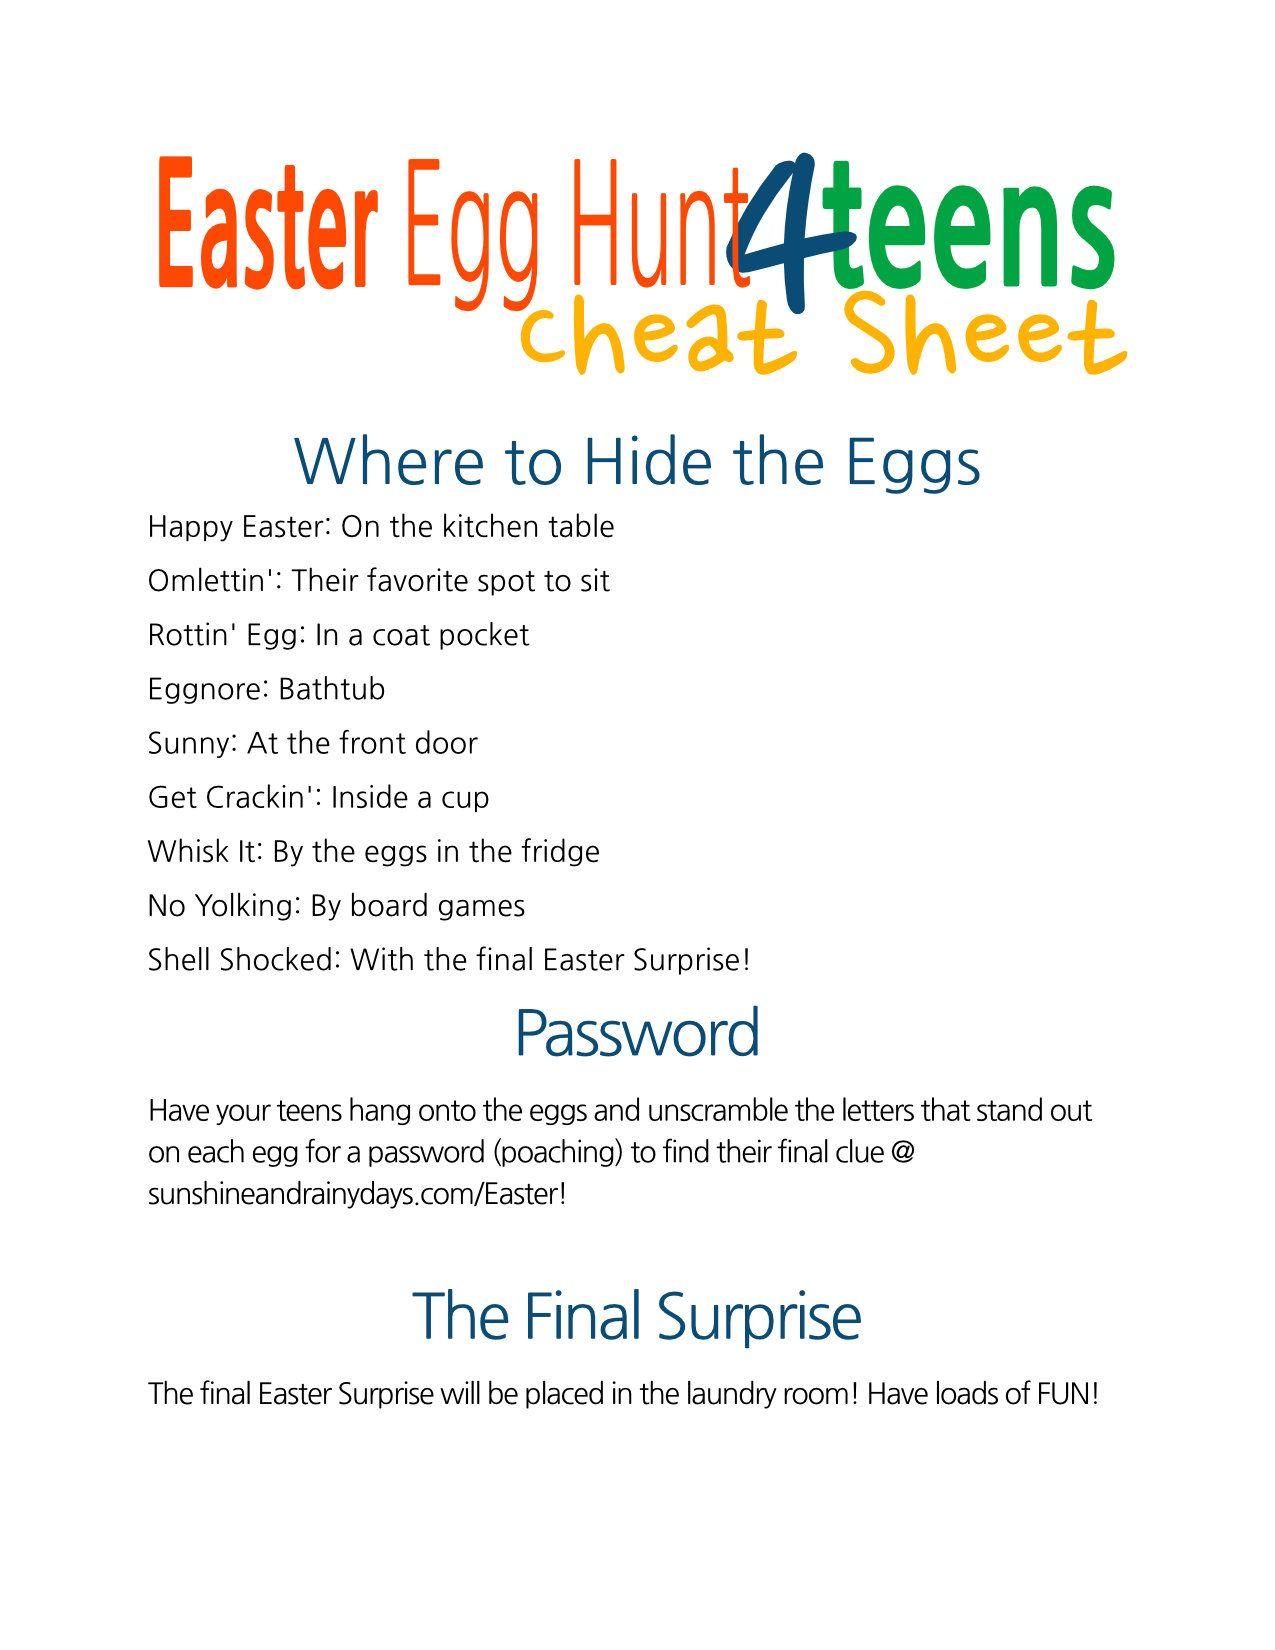 A Punny Easter Egg Hunt For Teens